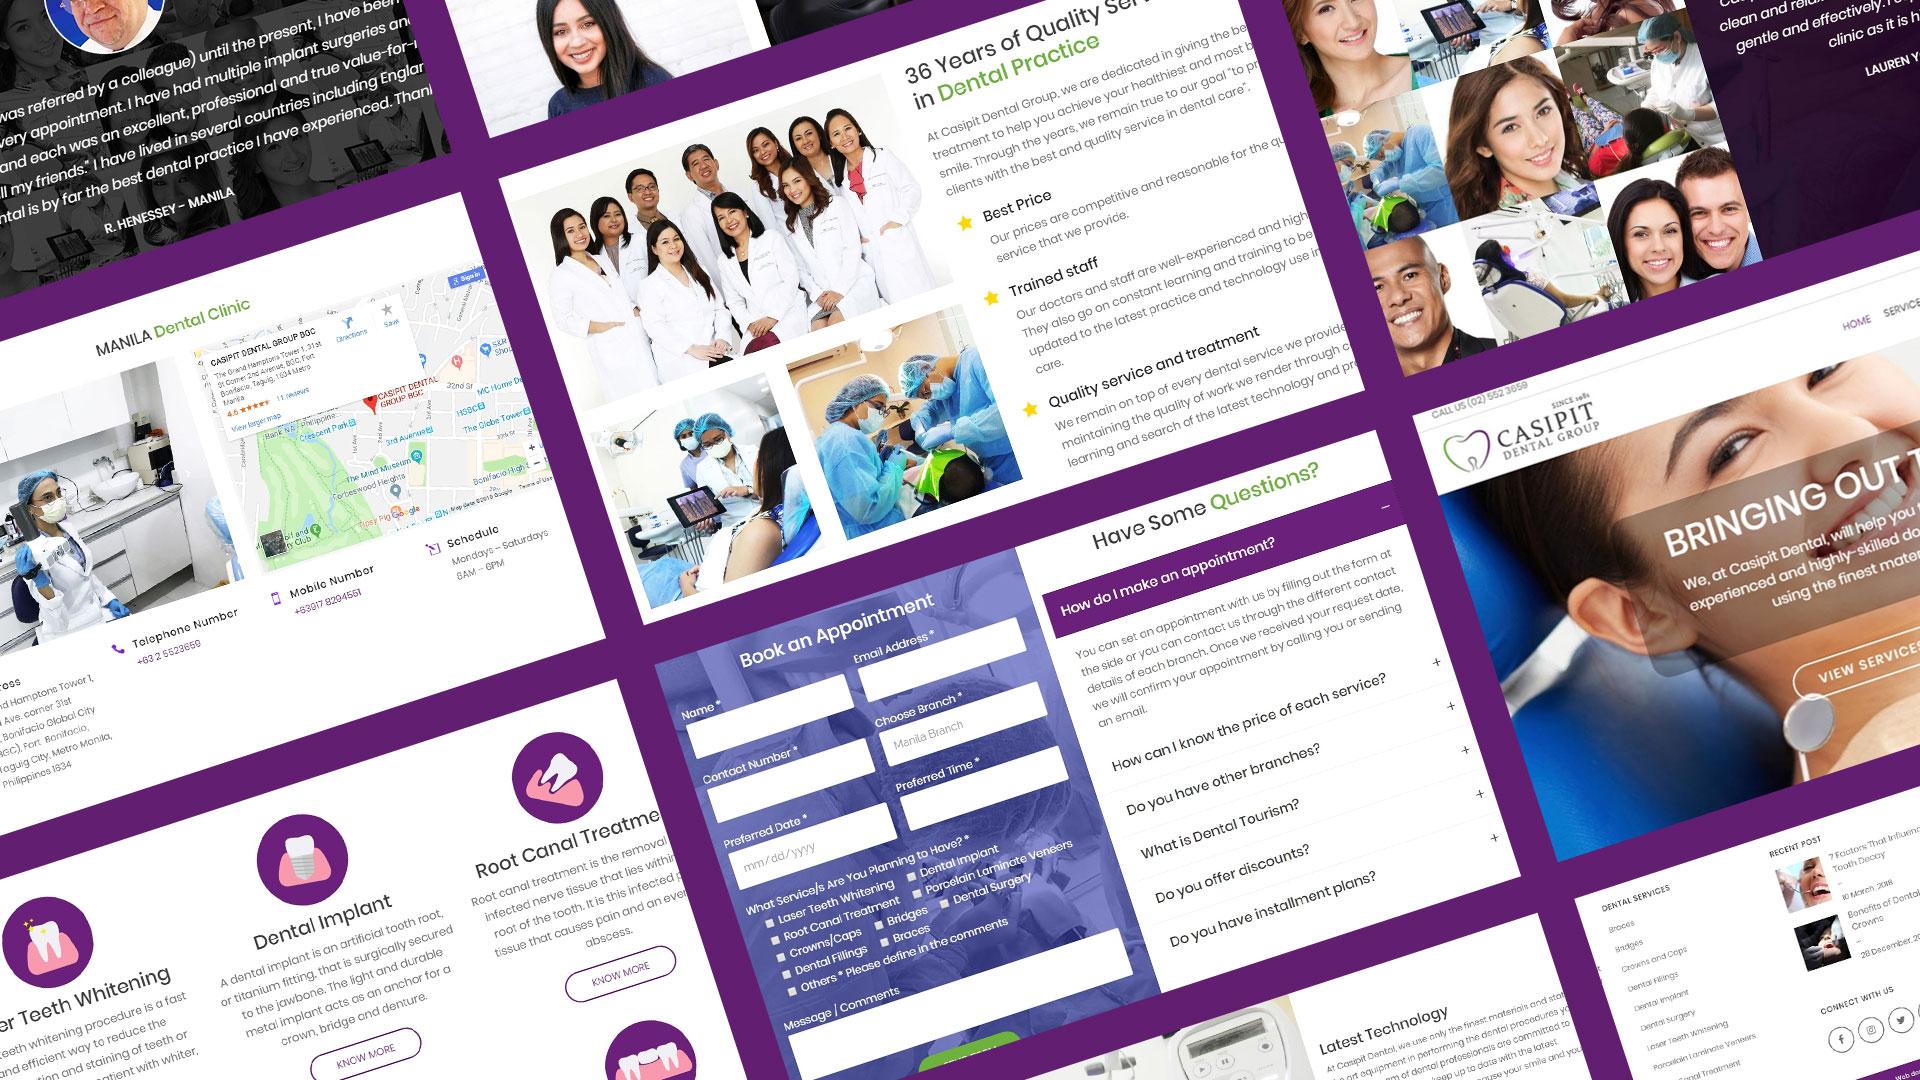 Casipit Dental Group Screenshots